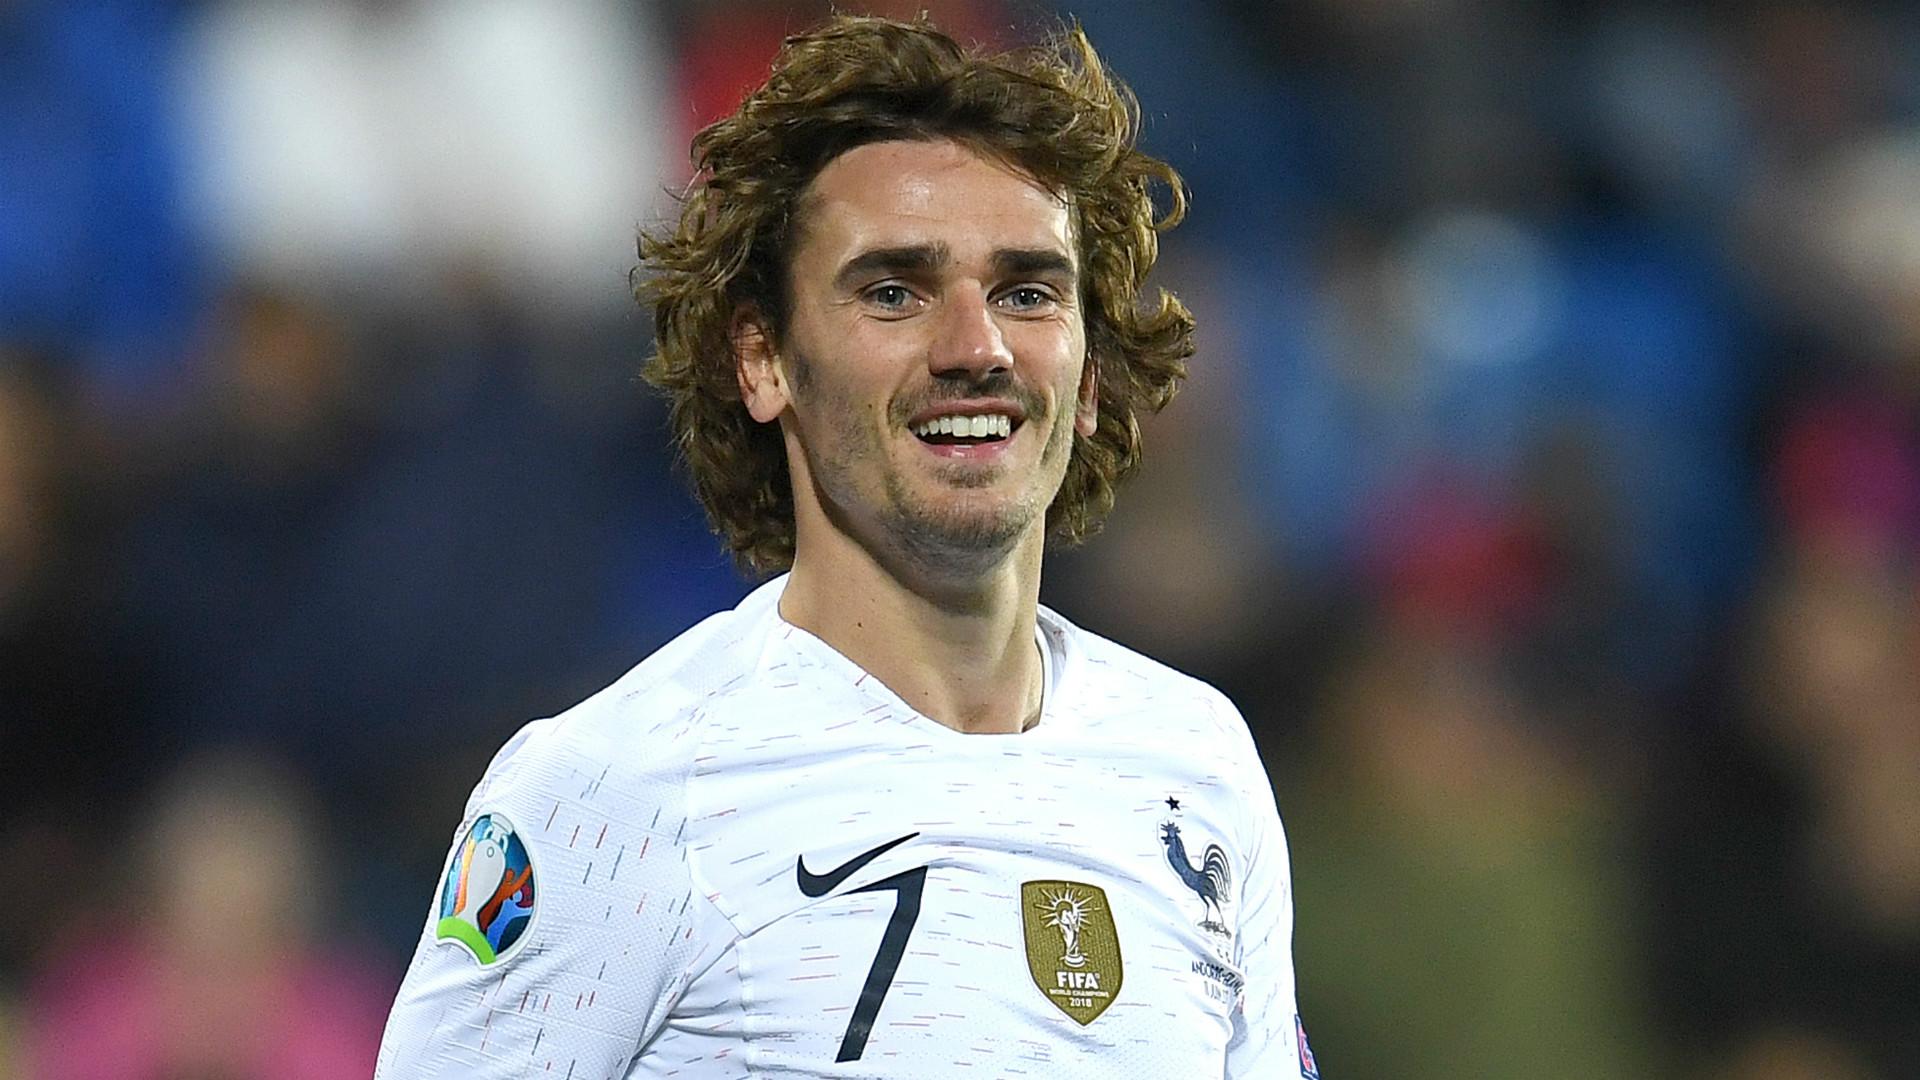 Islande-France : les Bleus en 4-2-3-1 avec Digne et Sissoko titulaires